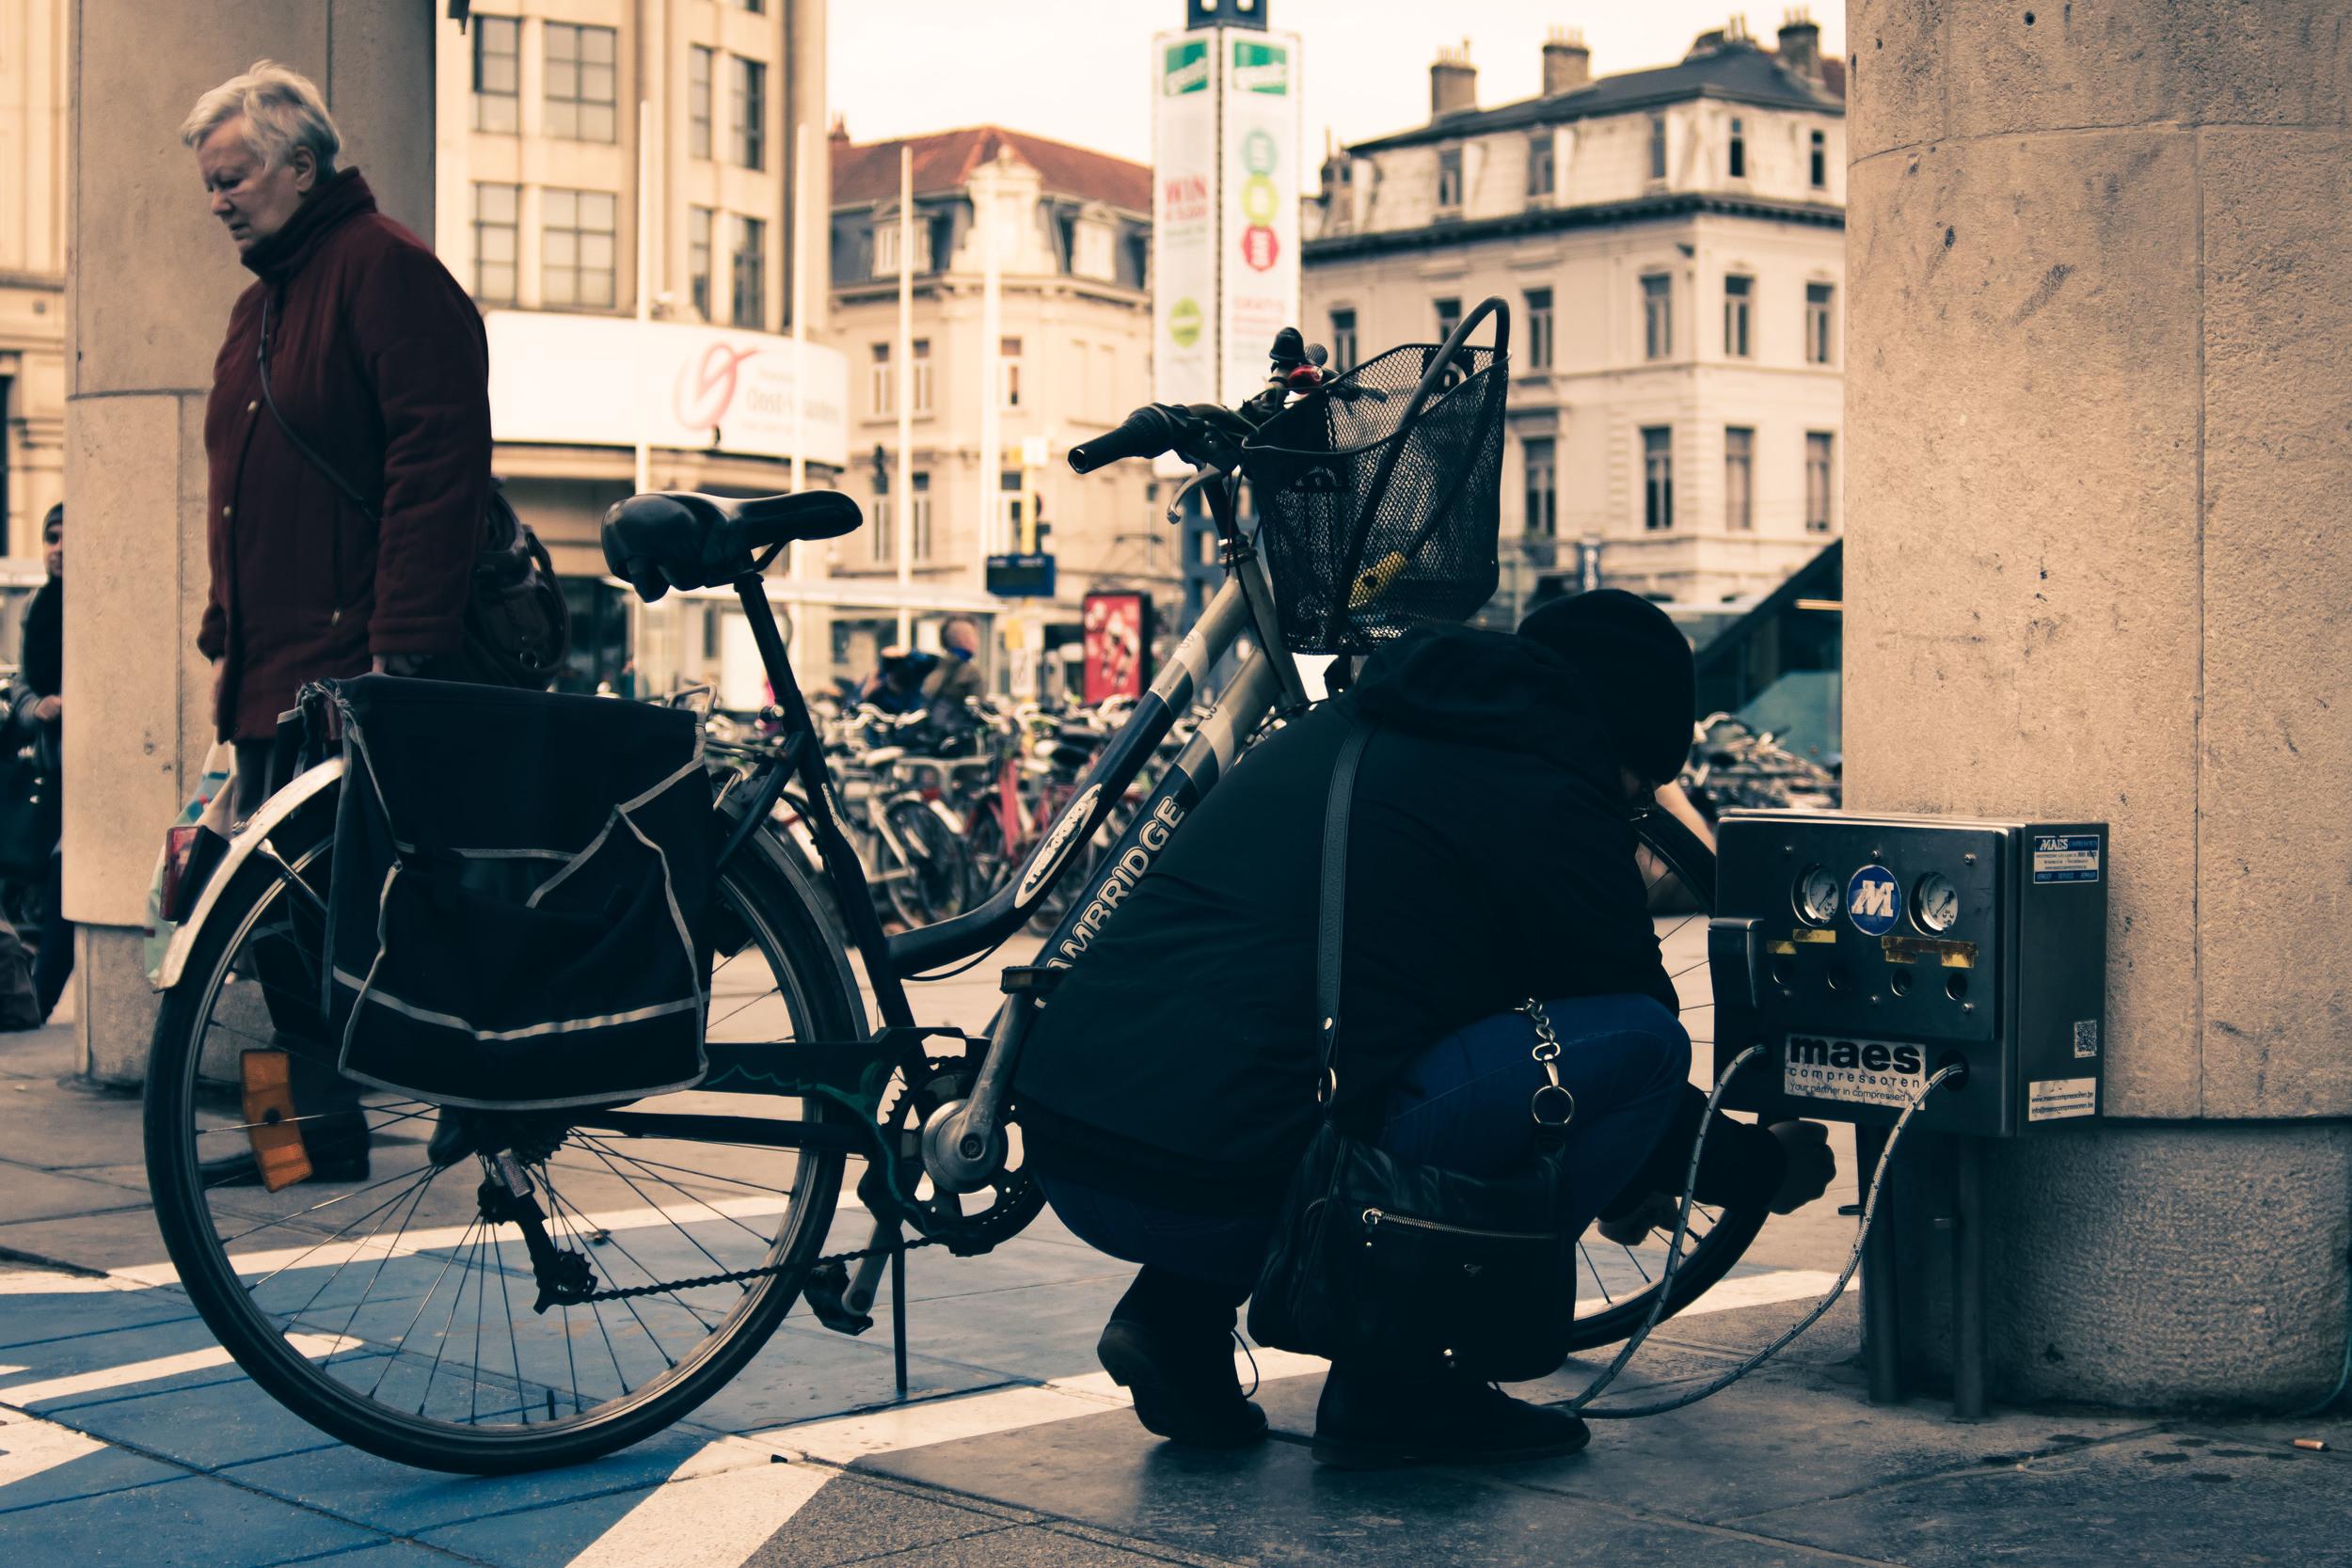 Gratis jouw fietsbanden oppompen in Gent? Het kan aan de bibliotheek. Straatfotografie in Gent